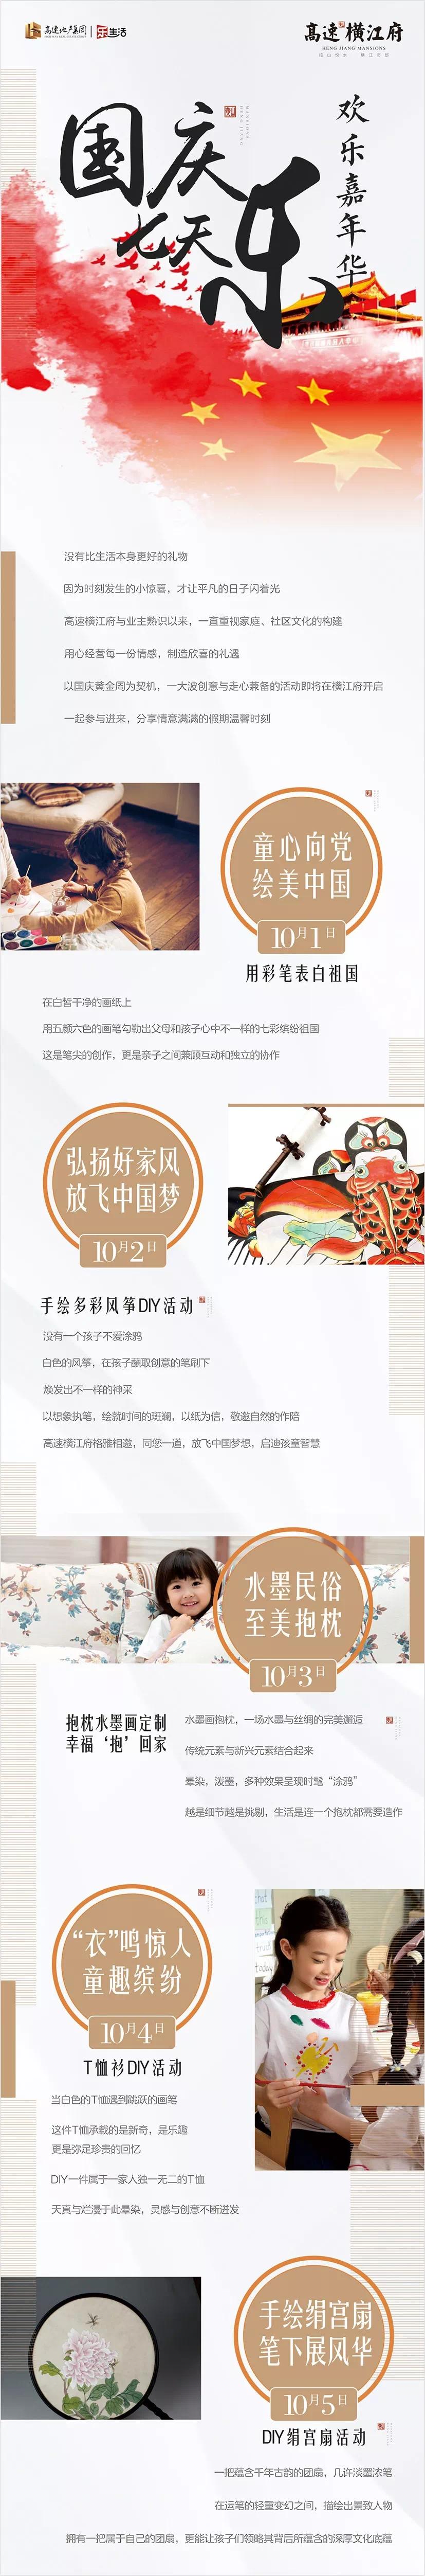 国庆七天乐,欢乐嘉年华|高速·横江府国庆系列活动即将震撼来袭